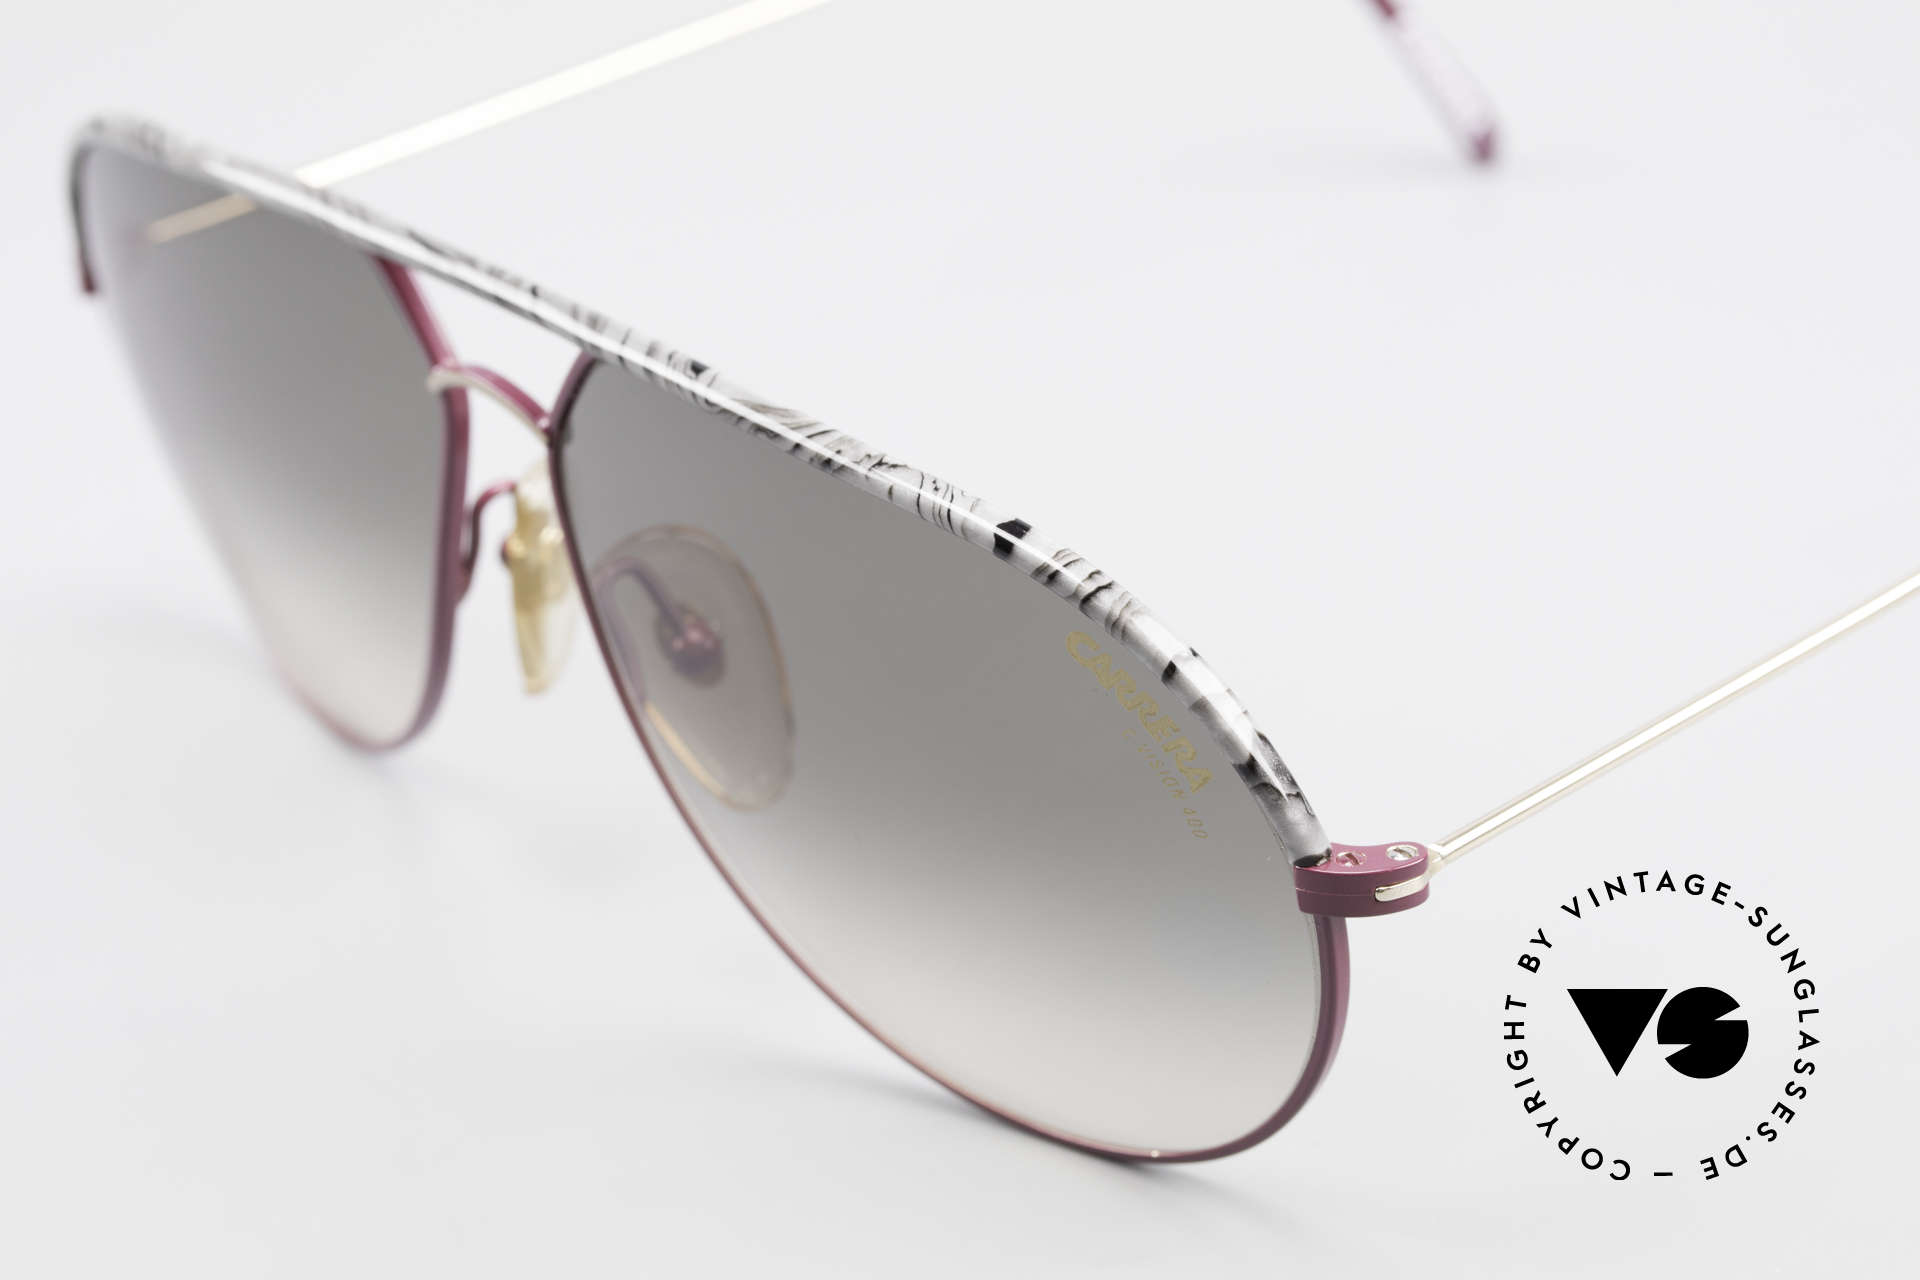 Carrera 5428 Rare Alte Sonnenbrille 80er, zudem C-VISION 400 Gläser mit grün-grau Verlauf, Passend für Herren und Damen